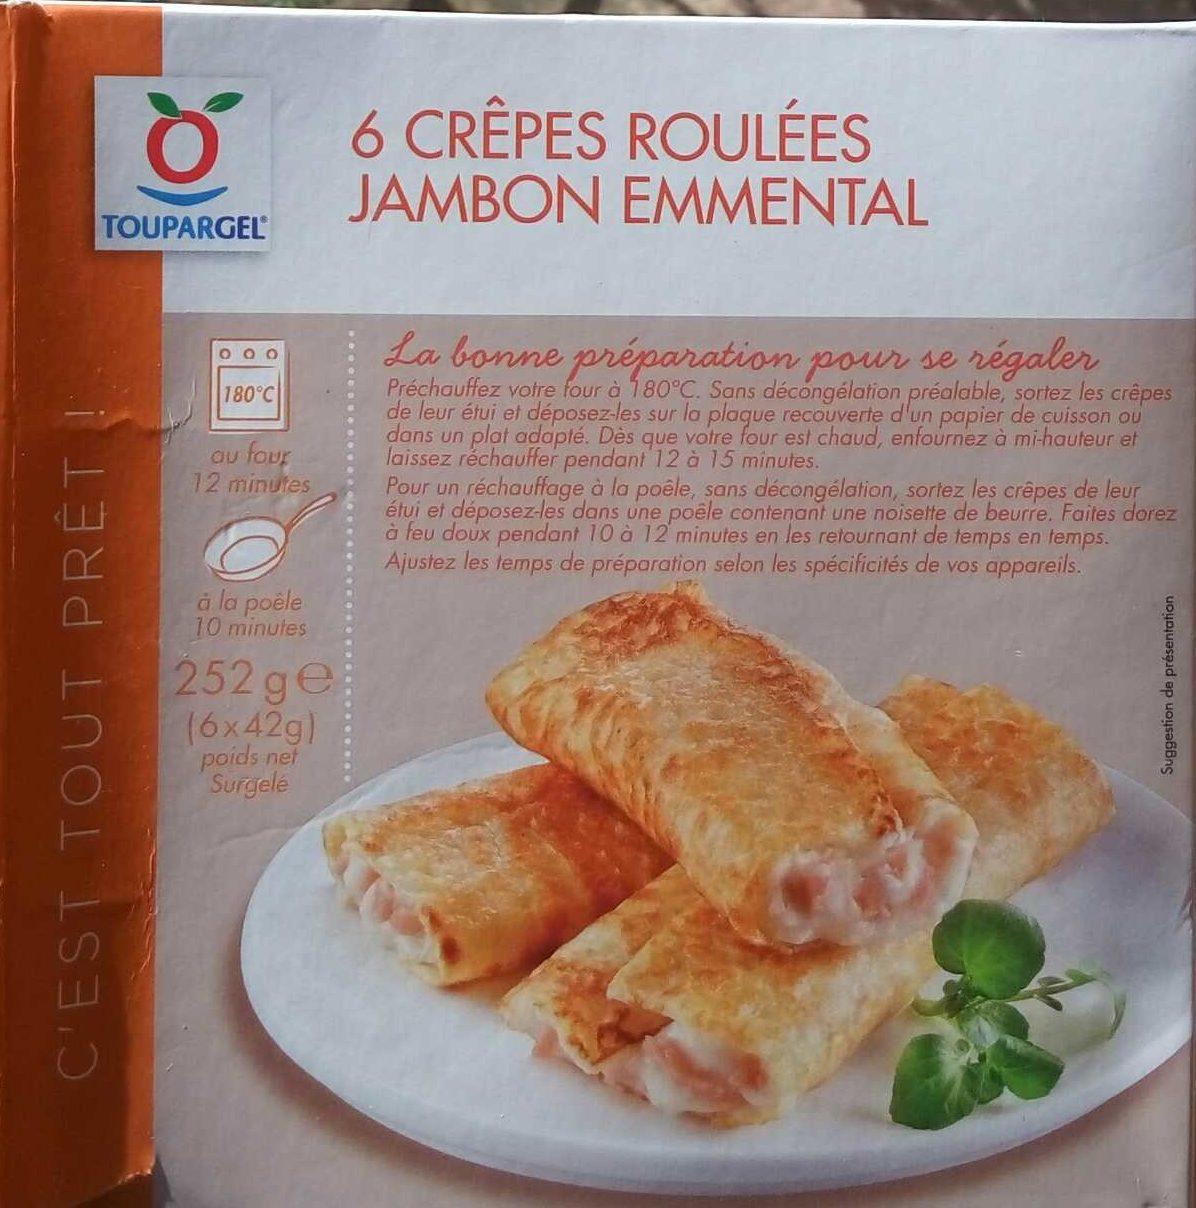 6 crêpes roulées jambon emmental - Produit - fr